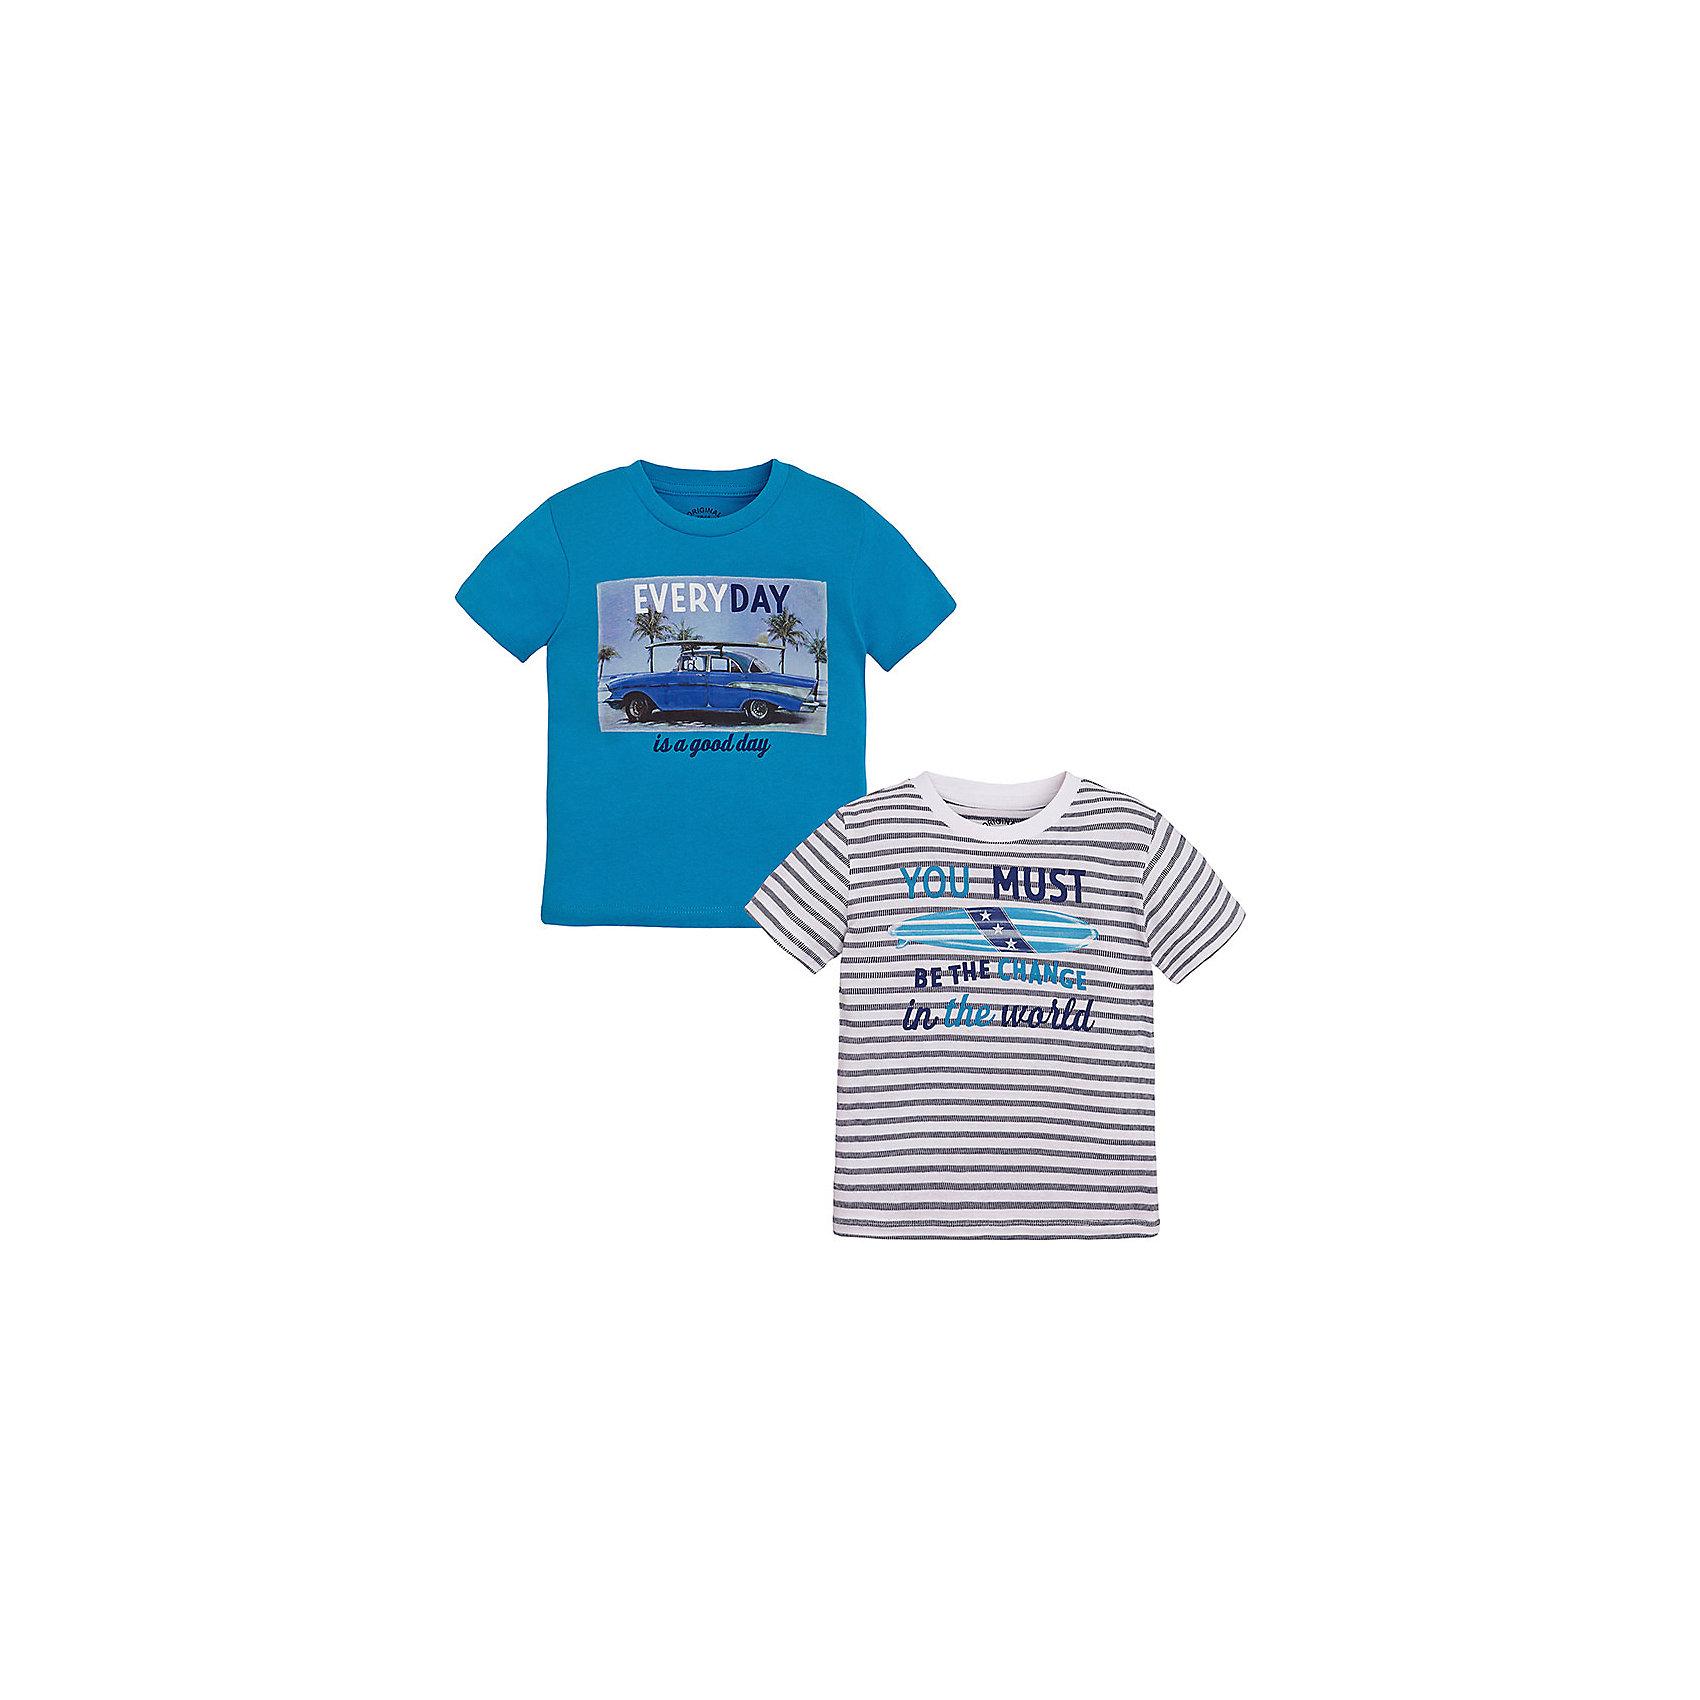 Футболка для мальчика, 2 шт. MayoralКомплект из двух футболок для мальчика от известной испанской марки Mayoral <br><br>Комплект из двух стильных футболок с длинным рукавом от Mayoral – отличный вариант универсальной одежды для детей. Удобный крой и качественный материал обеспечит ребенку комфорт при ношении этих вещей. Натуральный хлопок в составе изделий делает материал дышащим и мягким.<br><br>Особенности модели:<br><br>- цвет: синий, белый;<br>- рукава короткие;<br>- окантовка ворота;<br>- украшены принтом;<br>- натуральный материал.<br><br>Дополнительная информация:<br><br>Состав: 100% хлопок<br><br>Комплект из двух футболок для мальчика Mayoral (Майорал) можно купить в нашем магазине.<br><br>Ширина мм: 199<br>Глубина мм: 10<br>Высота мм: 161<br>Вес г: 151<br>Цвет: голубой<br>Возраст от месяцев: 48<br>Возраст до месяцев: 60<br>Пол: Мужской<br>Возраст: Детский<br>Размер: 110,104,116,128,134,98,122,92<br>SKU: 4541363